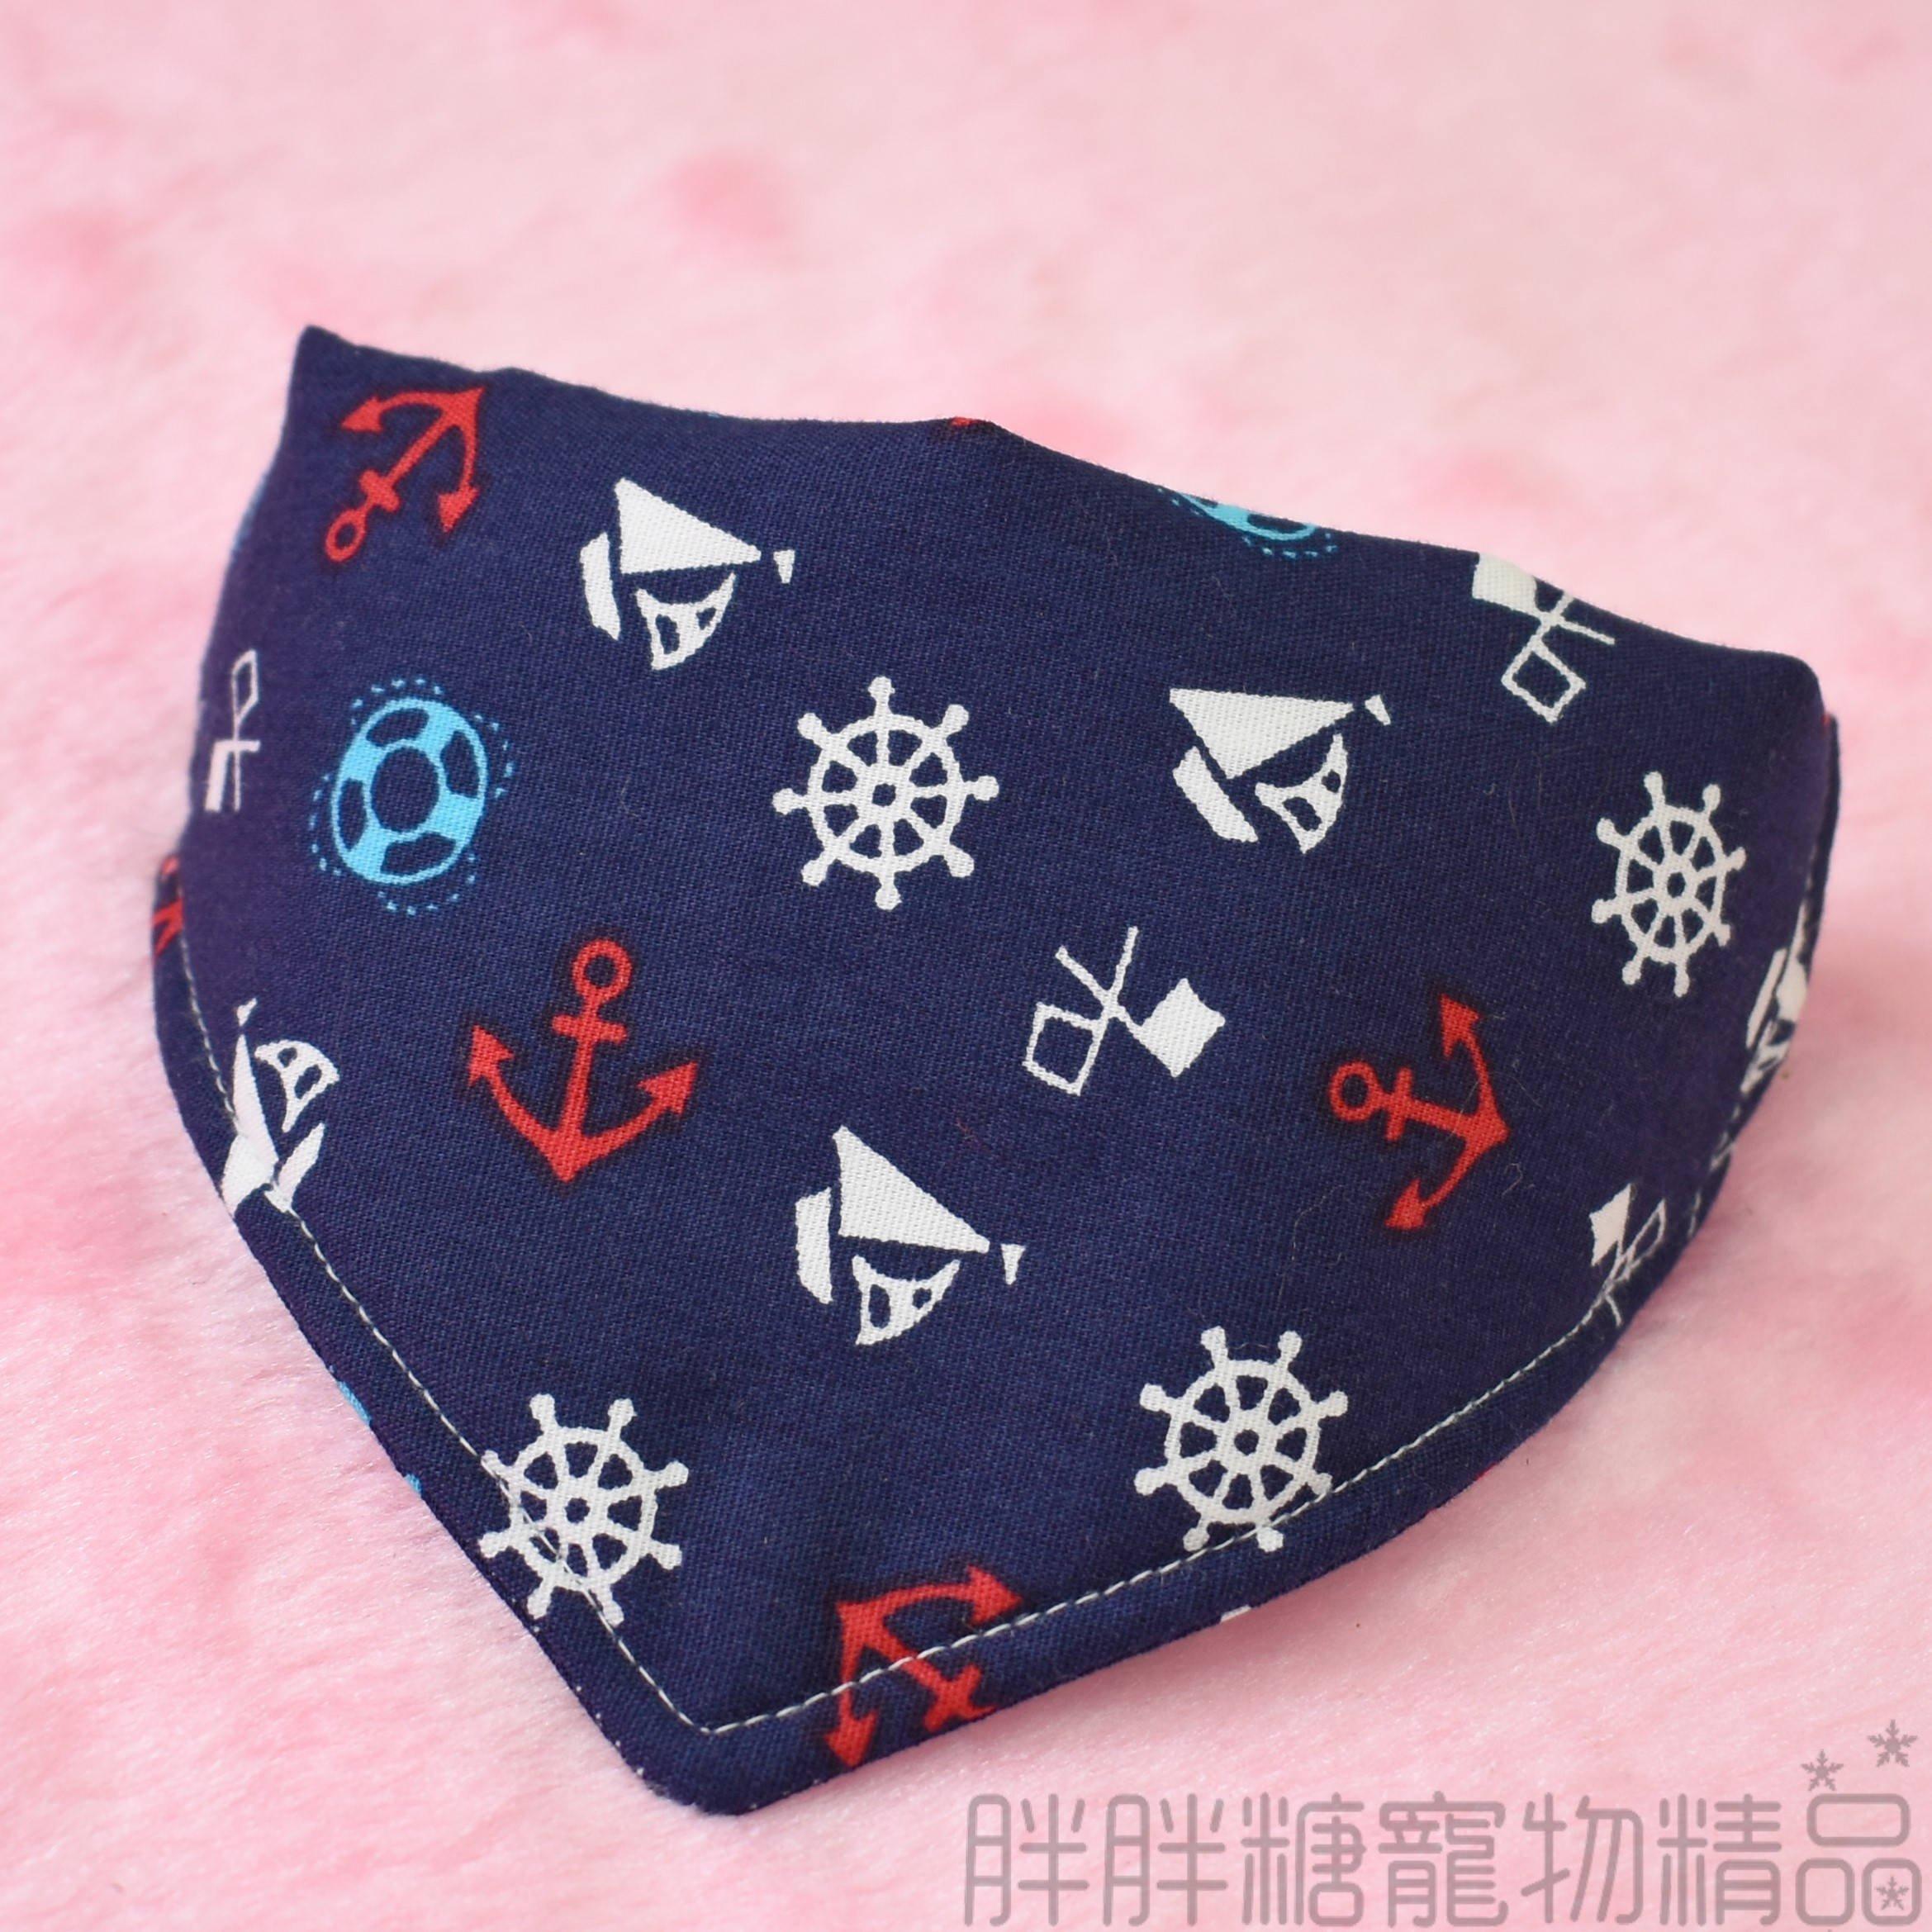 【胖胖糖】帆船水手領巾項圈(XS號)-寵物項圈 安全扣 可伸縮 中小型犬 MIT 製 頸圈 貓項圈 狗項圈